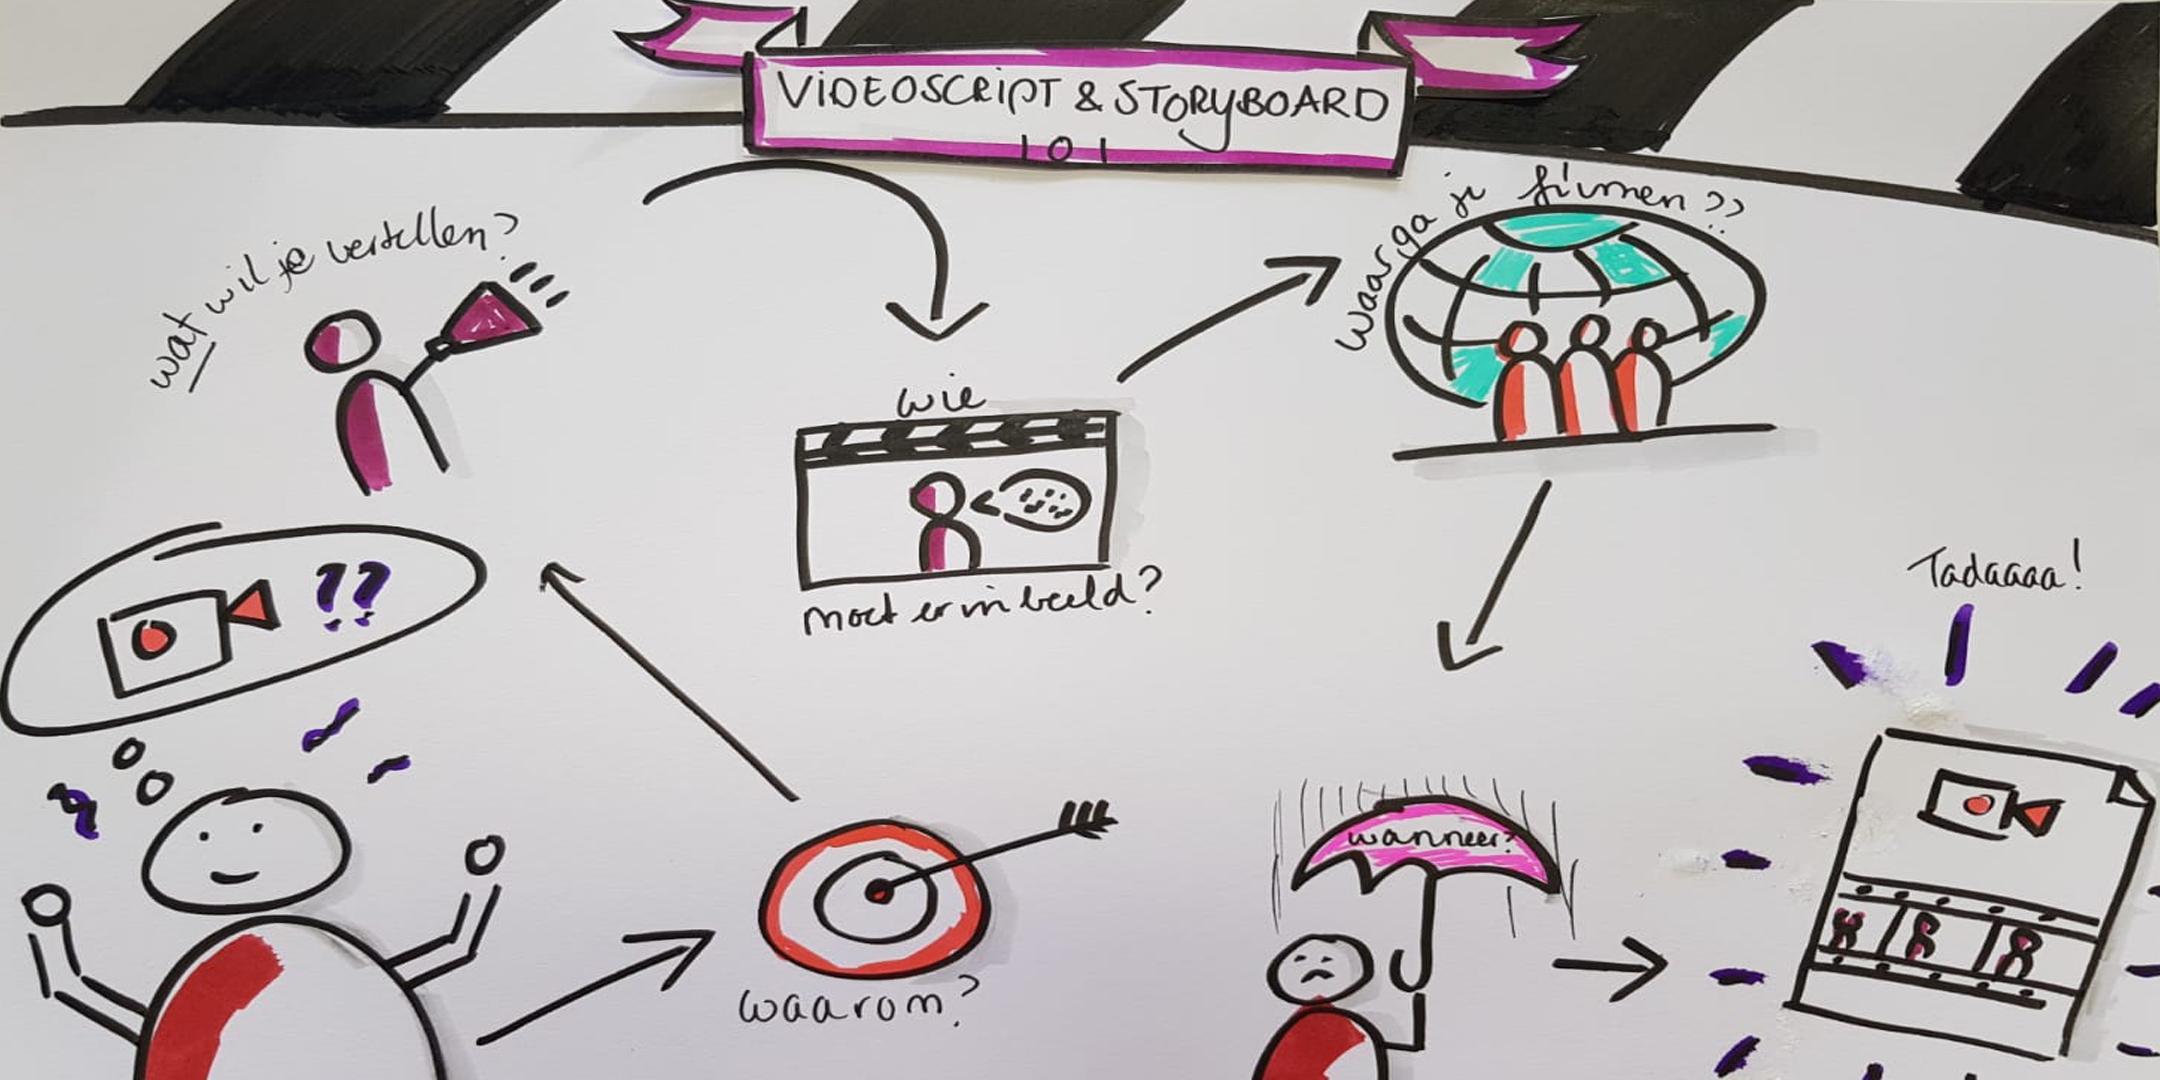 De video-uitdaging aangaan: script & storyboard|De video-uitdaging aangaan: script & storyboard|De video-uitdaging aangaan: script & storyboard|De video-uitdaging aangaan: script & storyboard-[tag] 5|De video-uitdaging aangaan: script & storyboard-[tag] 6